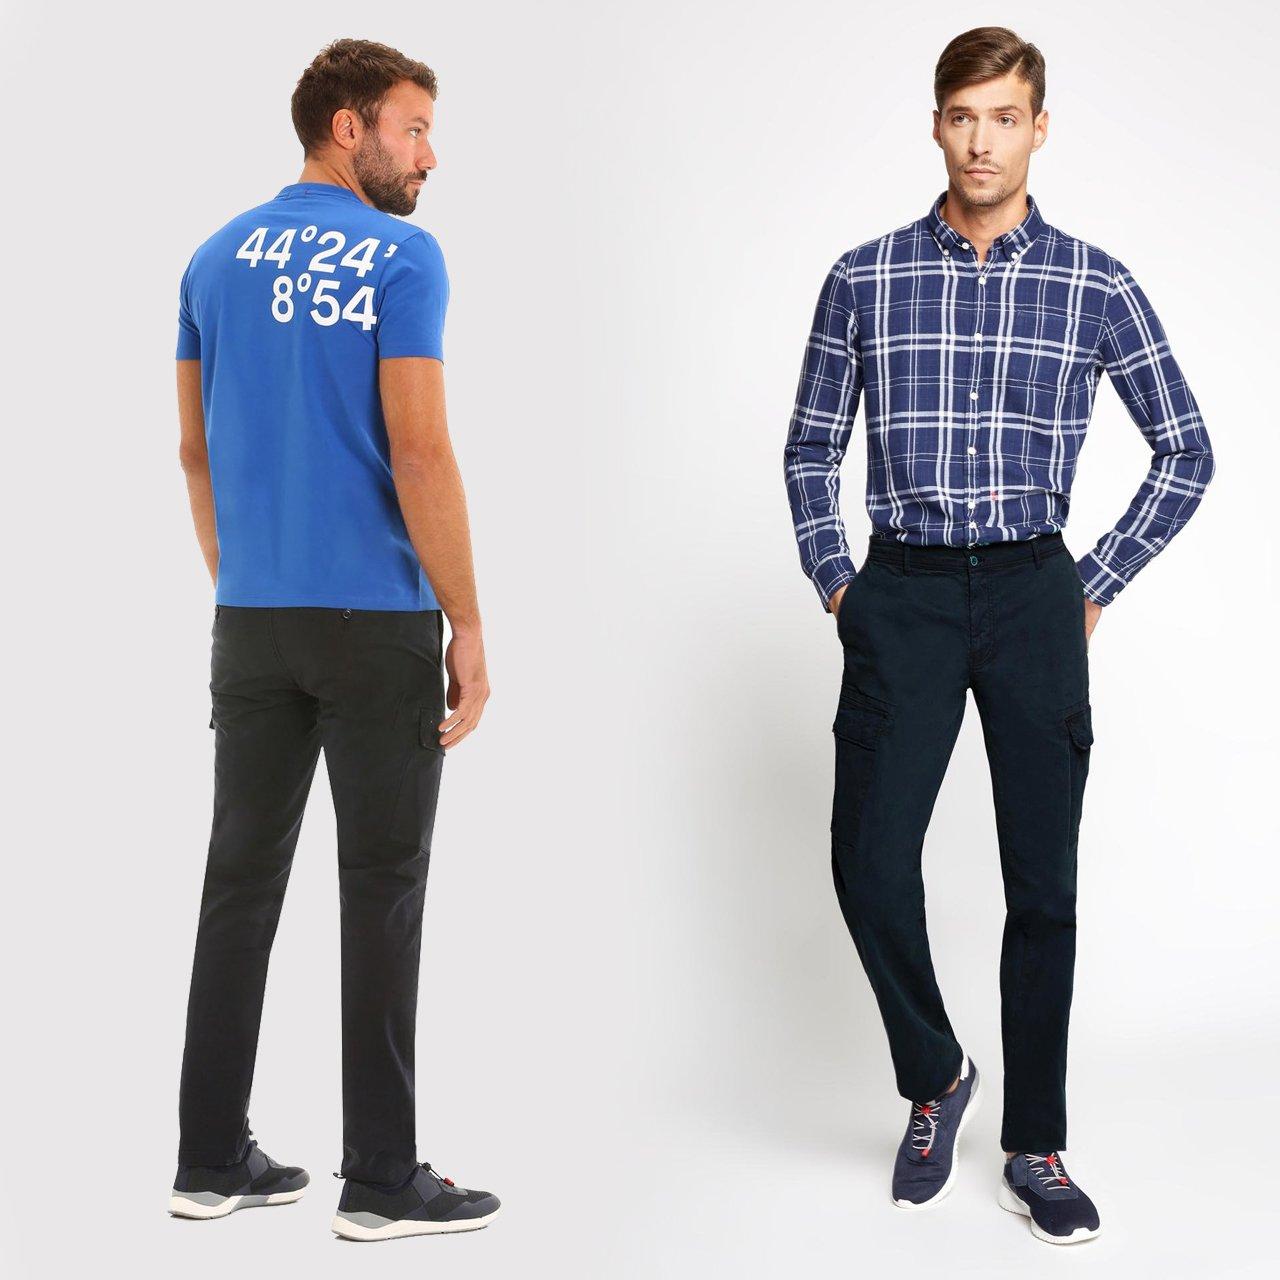 ¿De qué bando eres, pantalones cargo o pantalones chino?